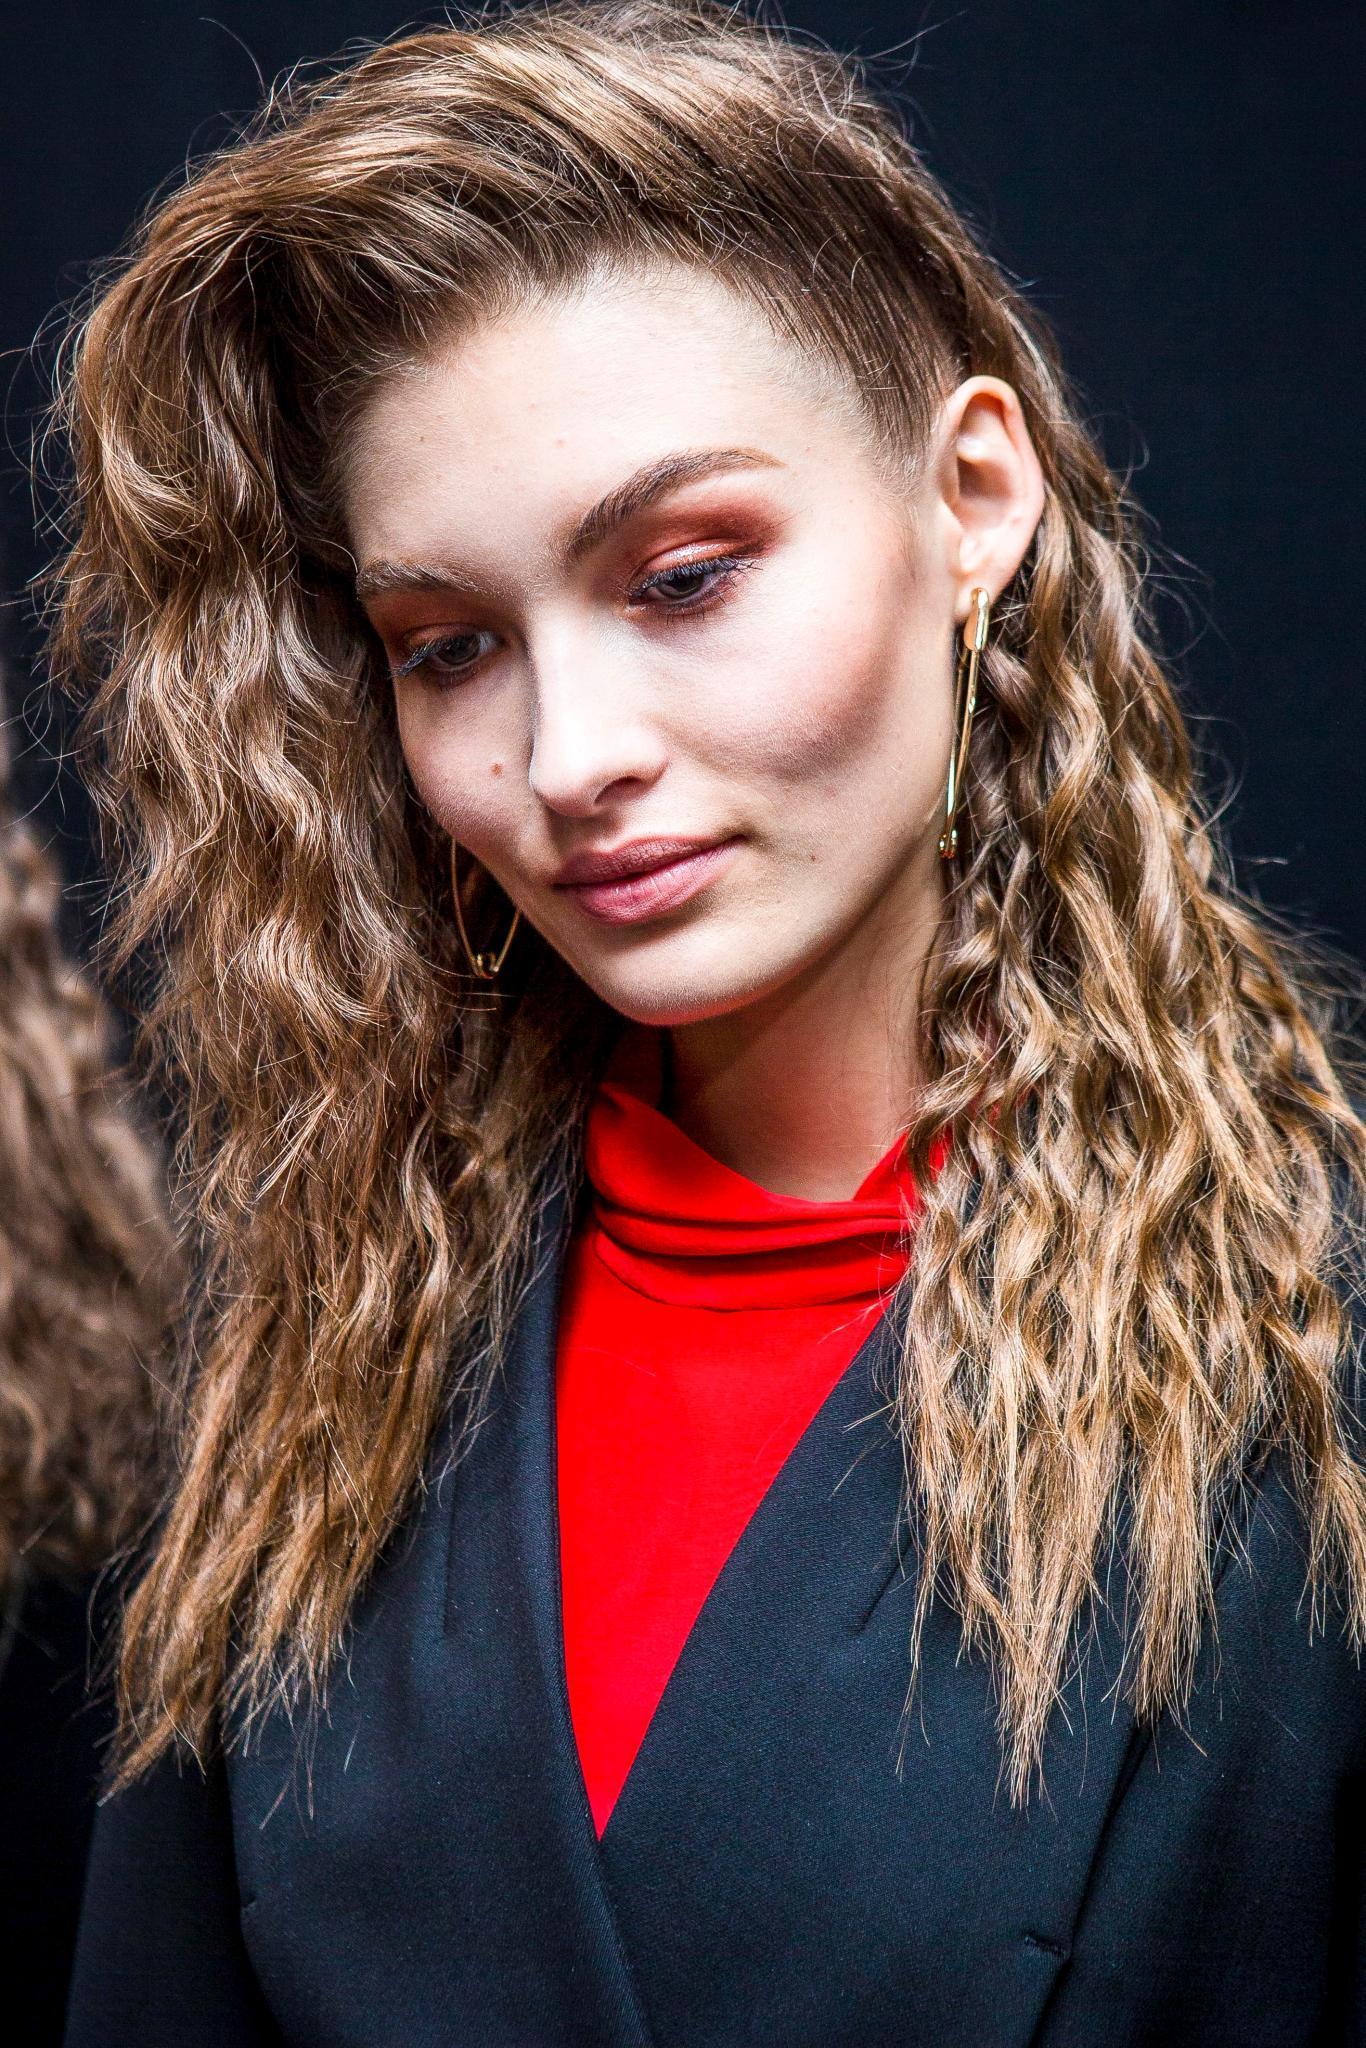 Modèle avec des cheveux ondulés brun clair de longueur moyenne